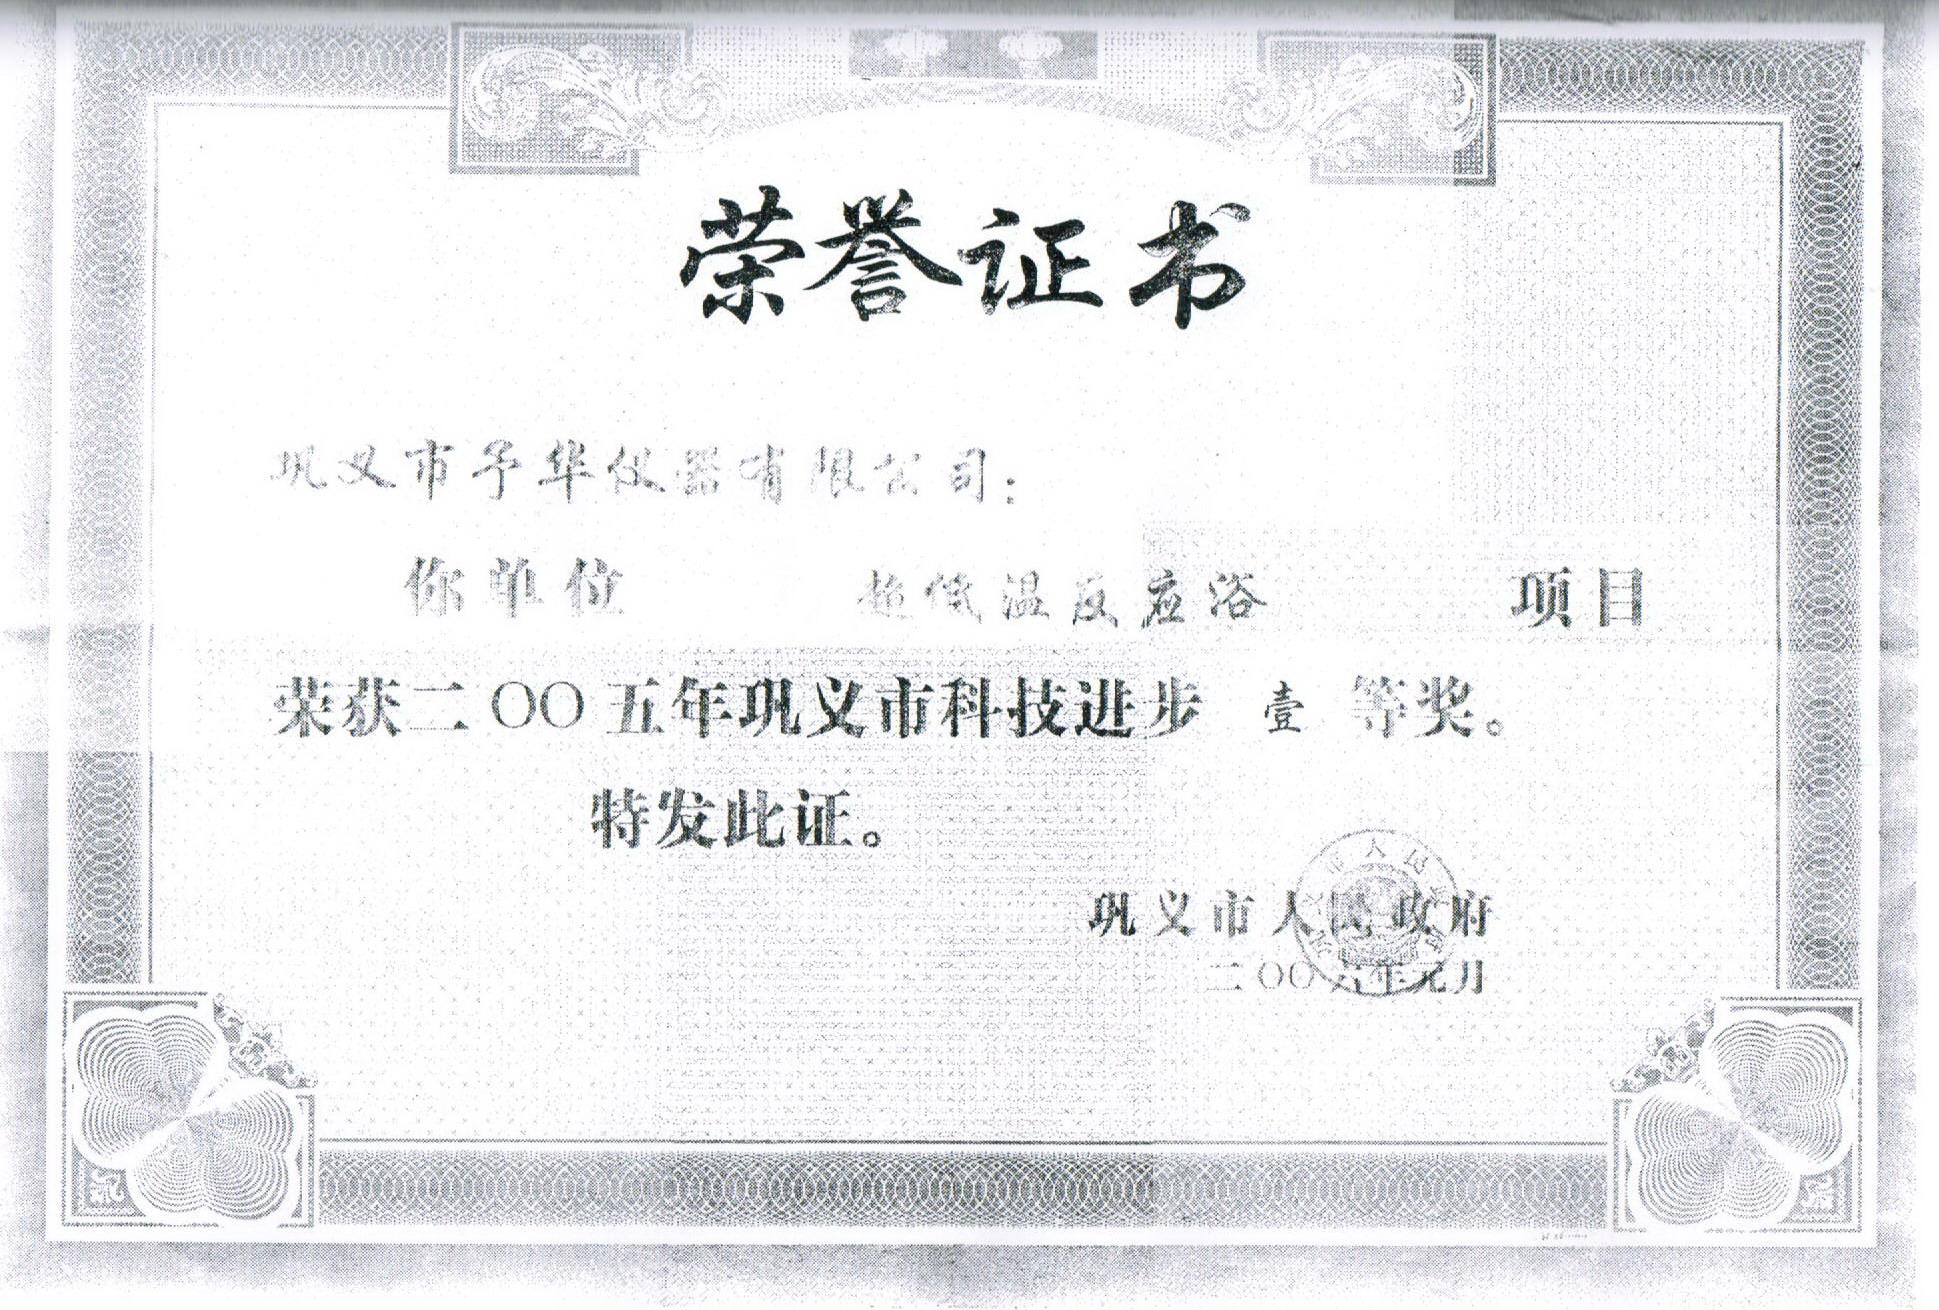 反应浴科技进步一等奖荣誉证书